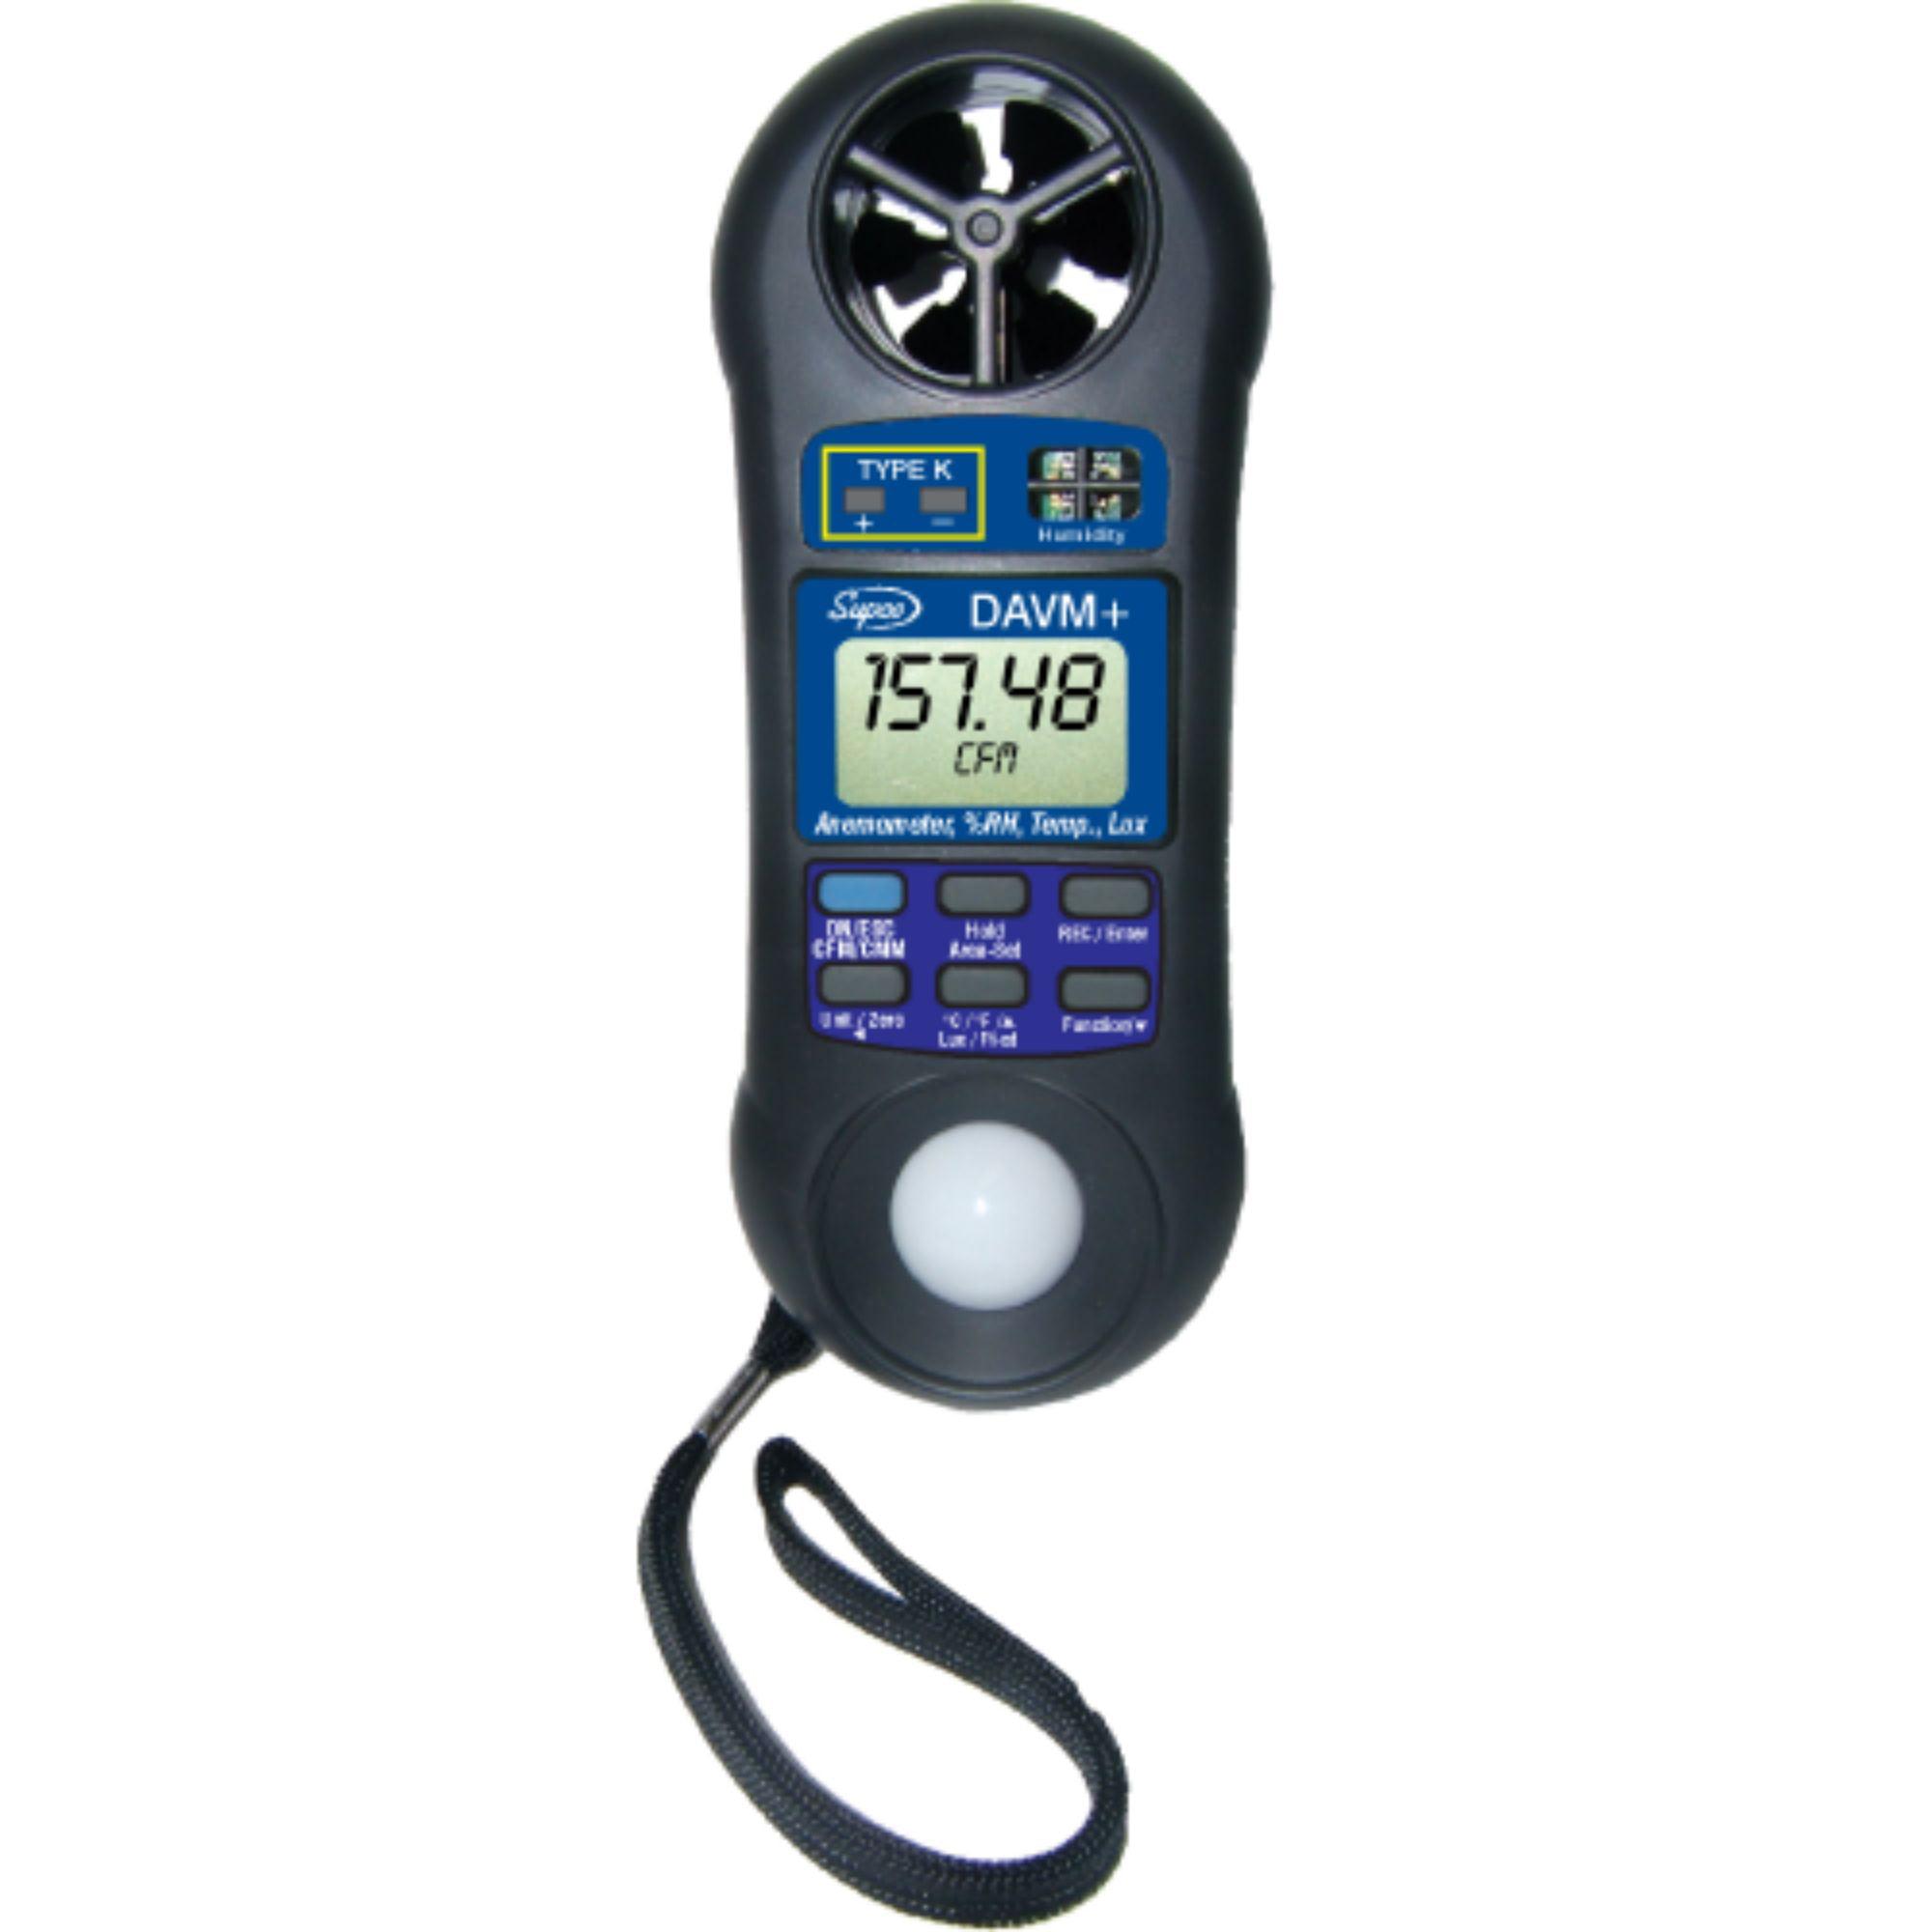 DAVM+ Genuine OEM Supco Digital Air Flow/Volume Meter